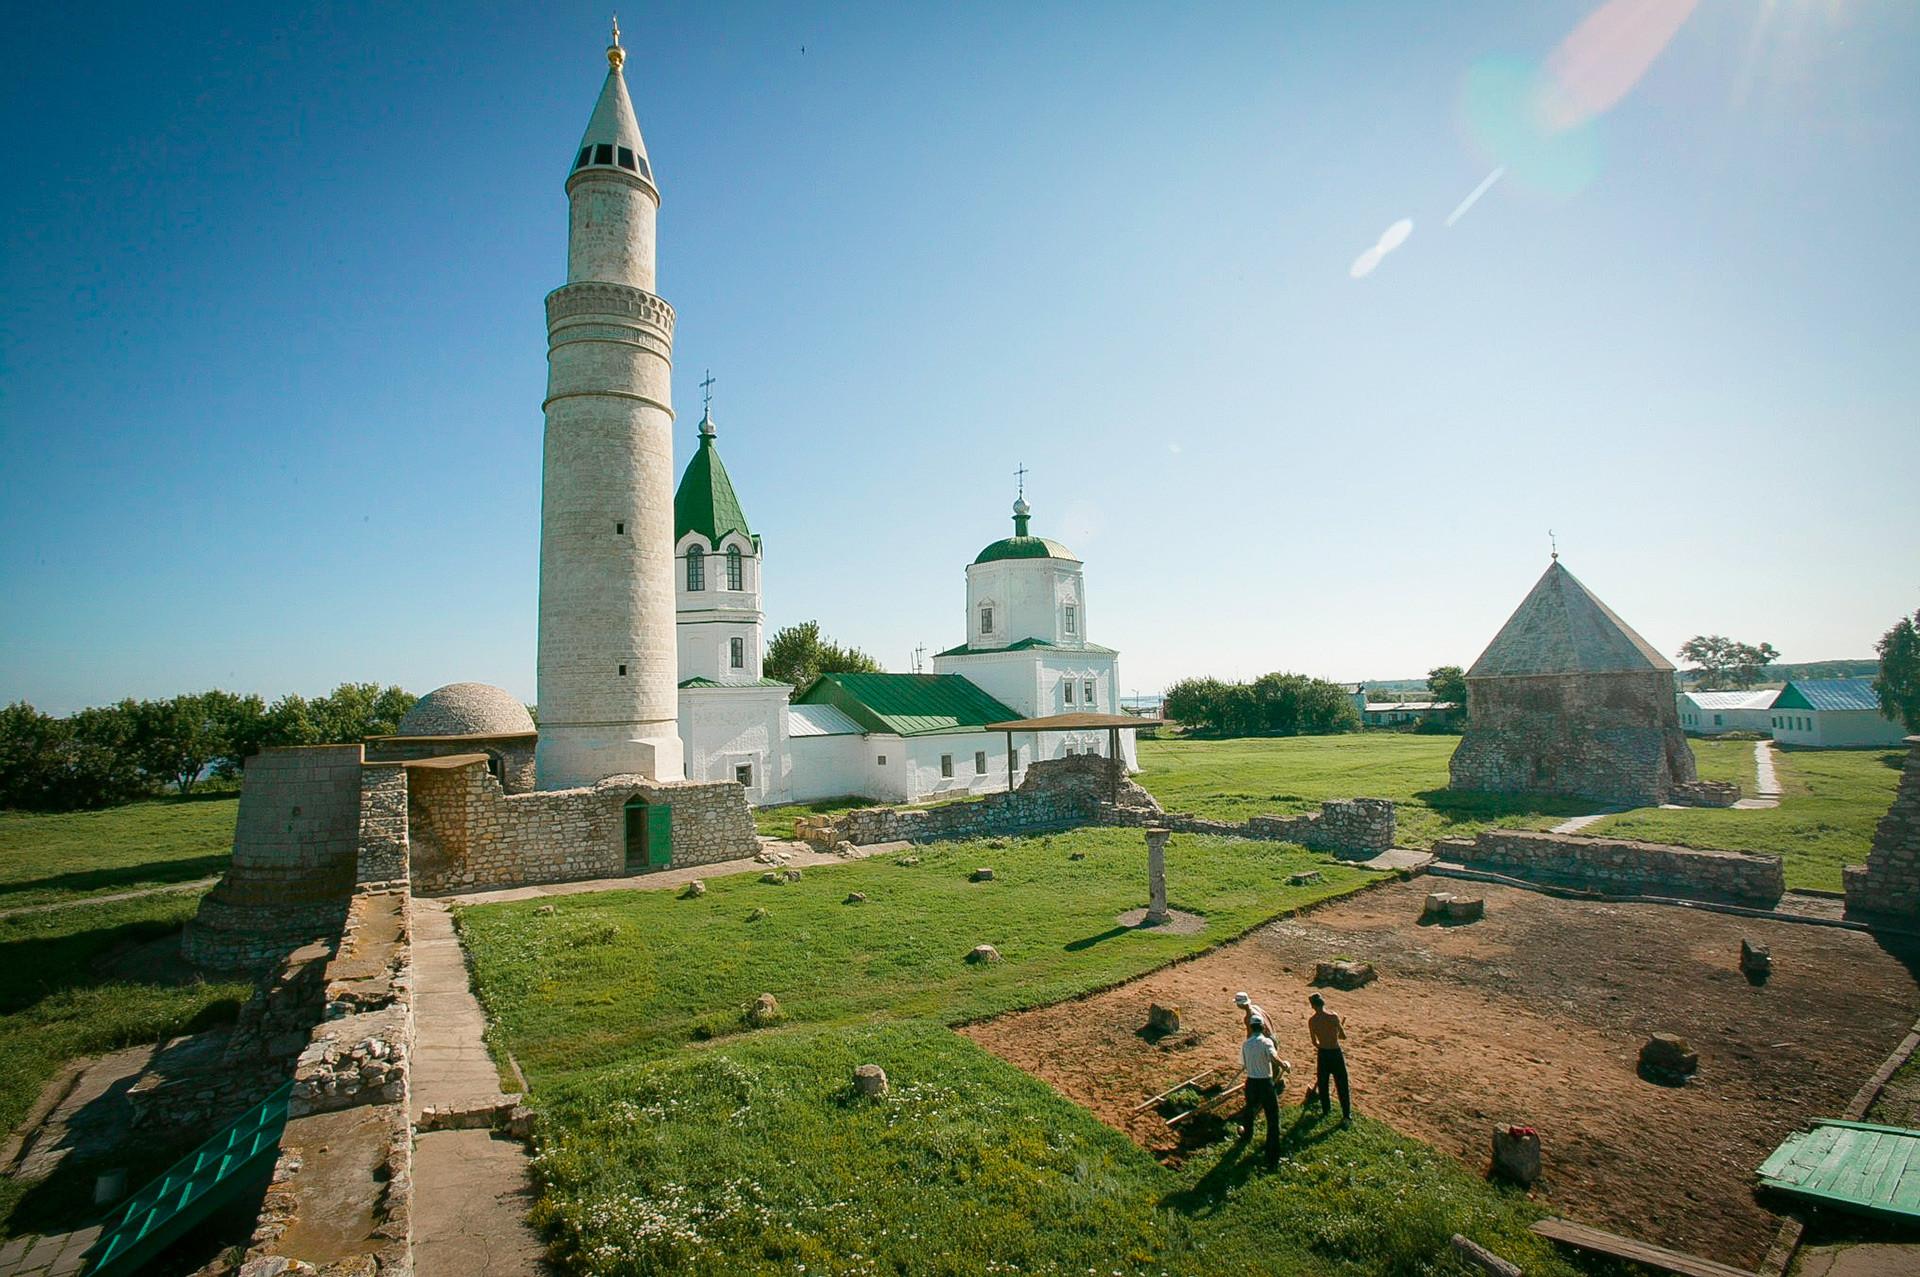 Museum Peninggalan Bersejarah Bolgar di Bolgar, Tatarstan.